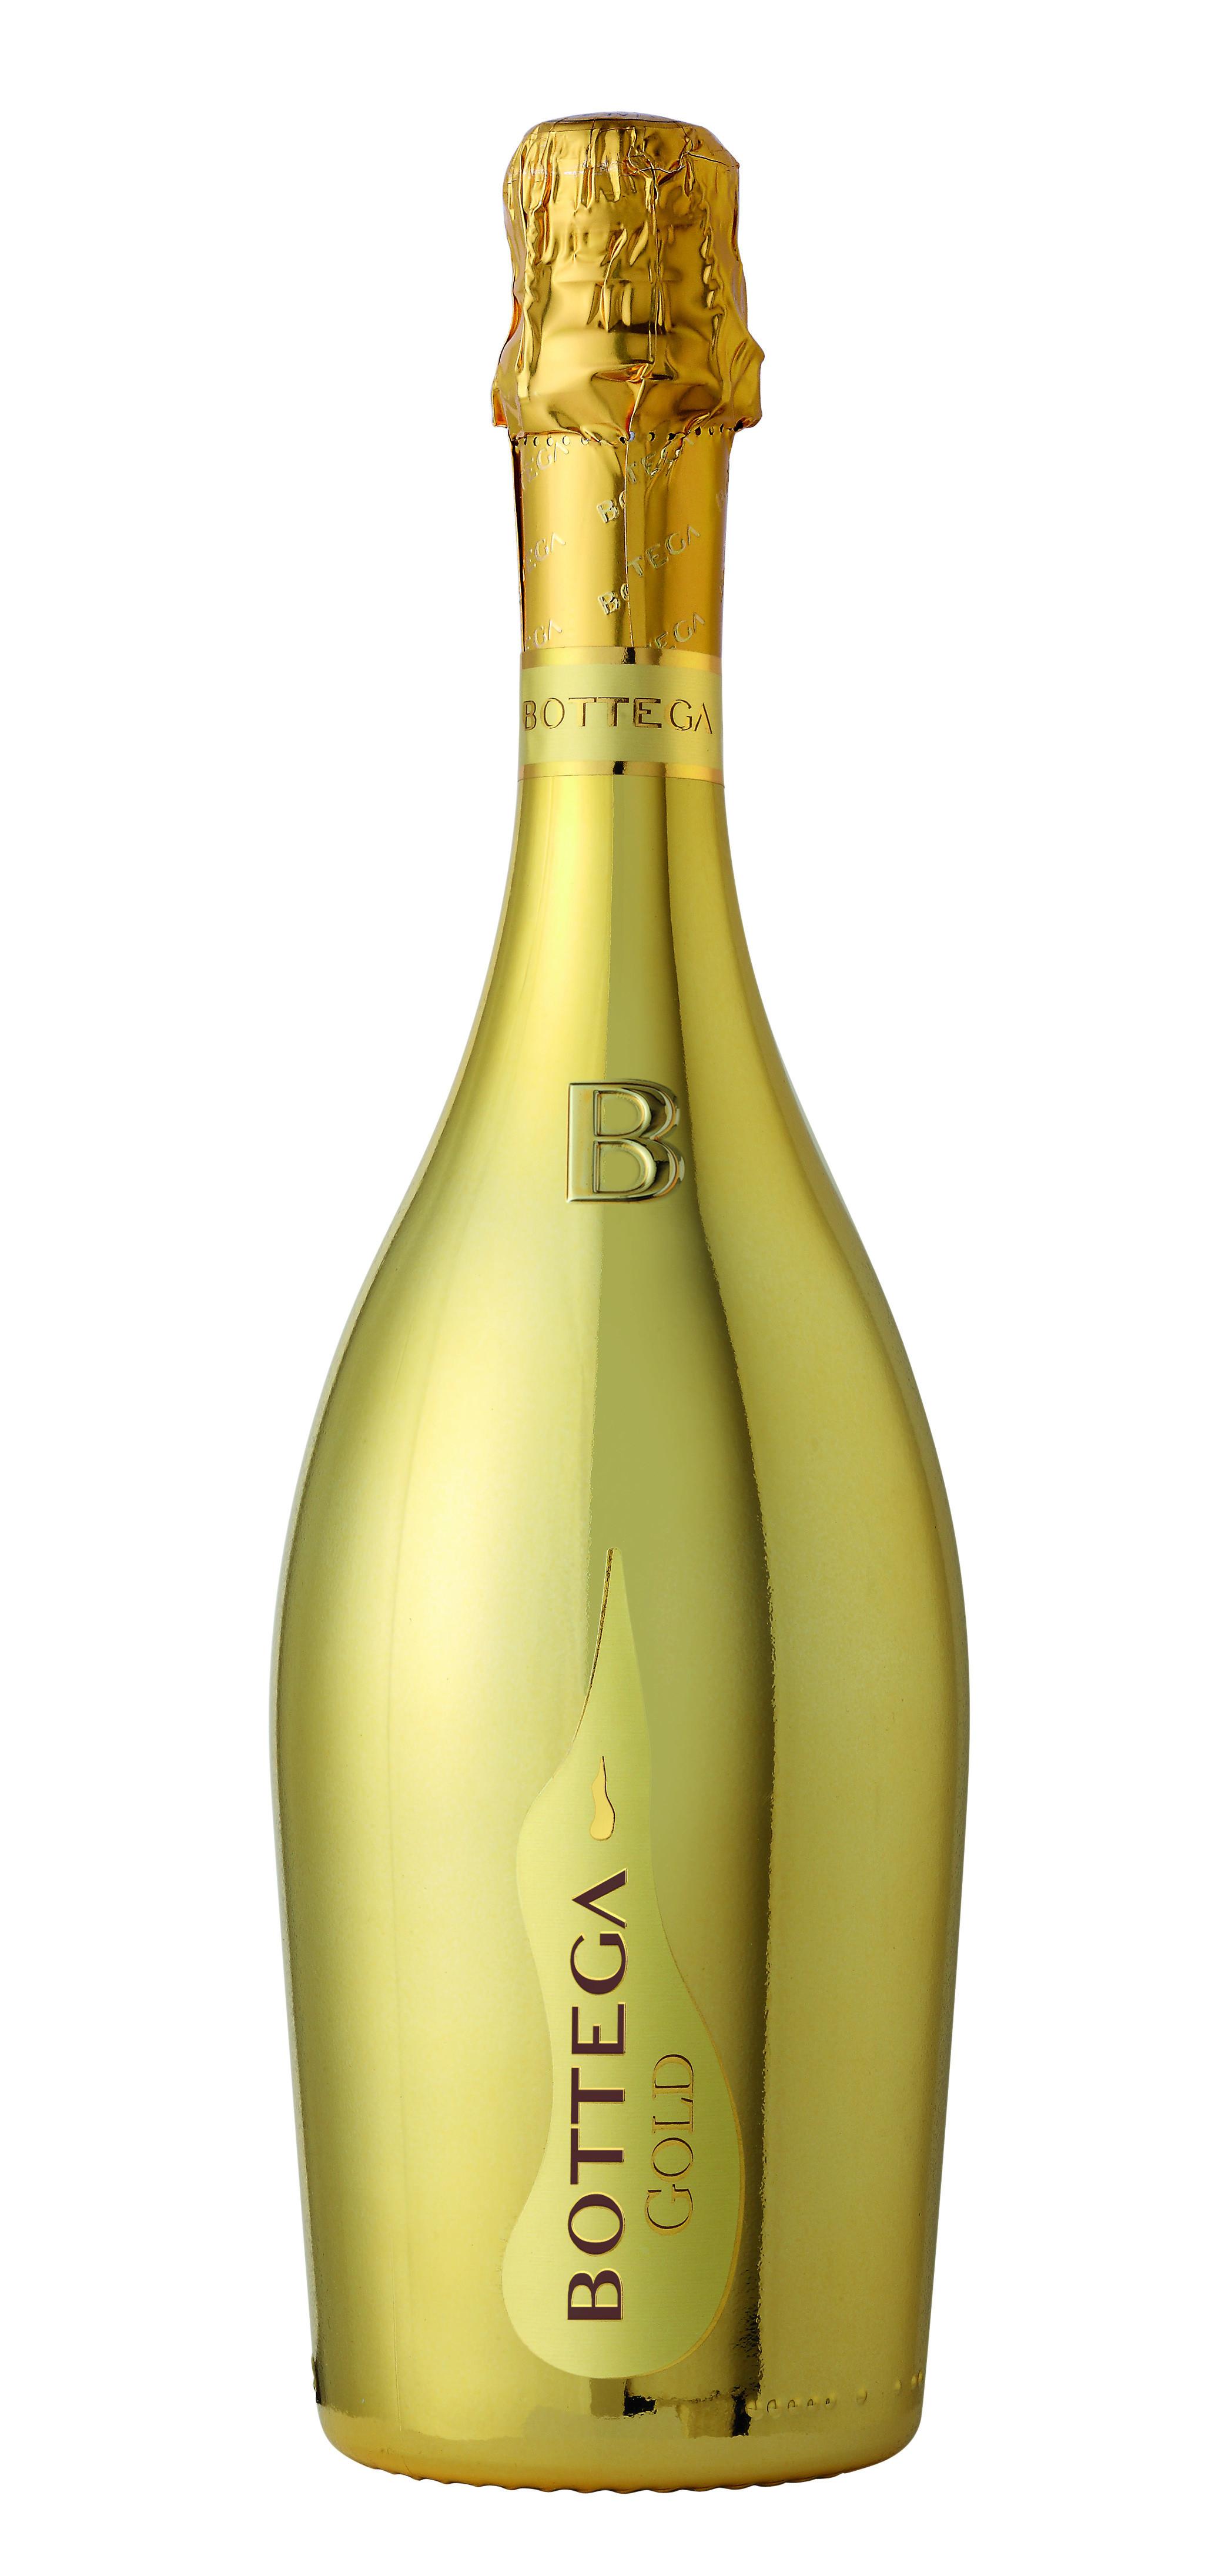 Bottega-Gold-Magnum-Prosecco-Mousserende-vin